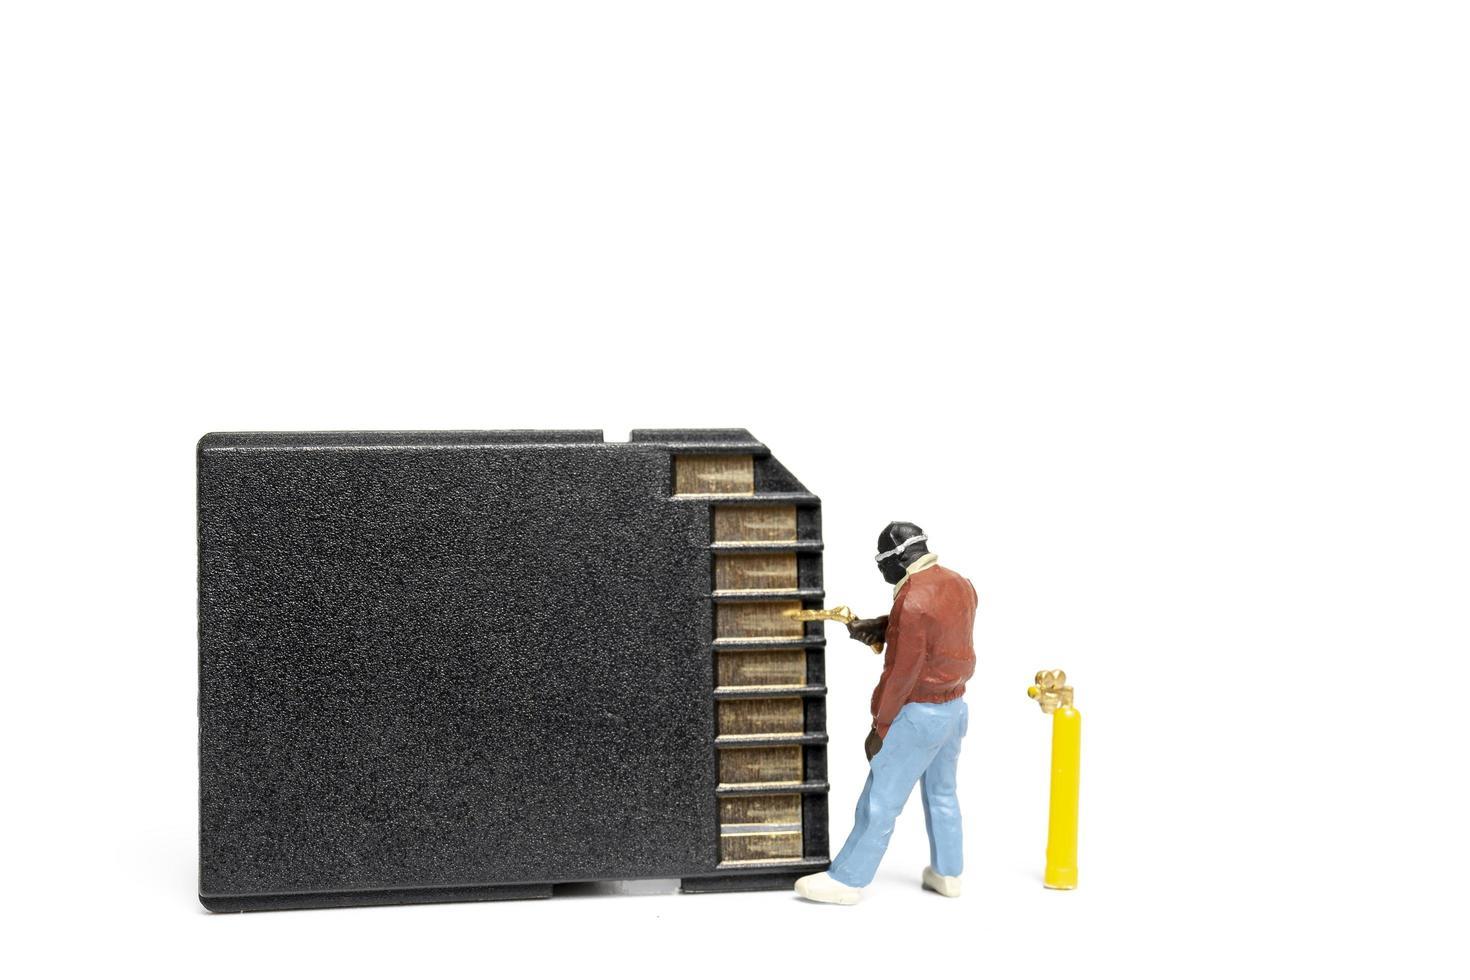 Technicien miniature fixation de cartes sd pile sur fond blanc photo